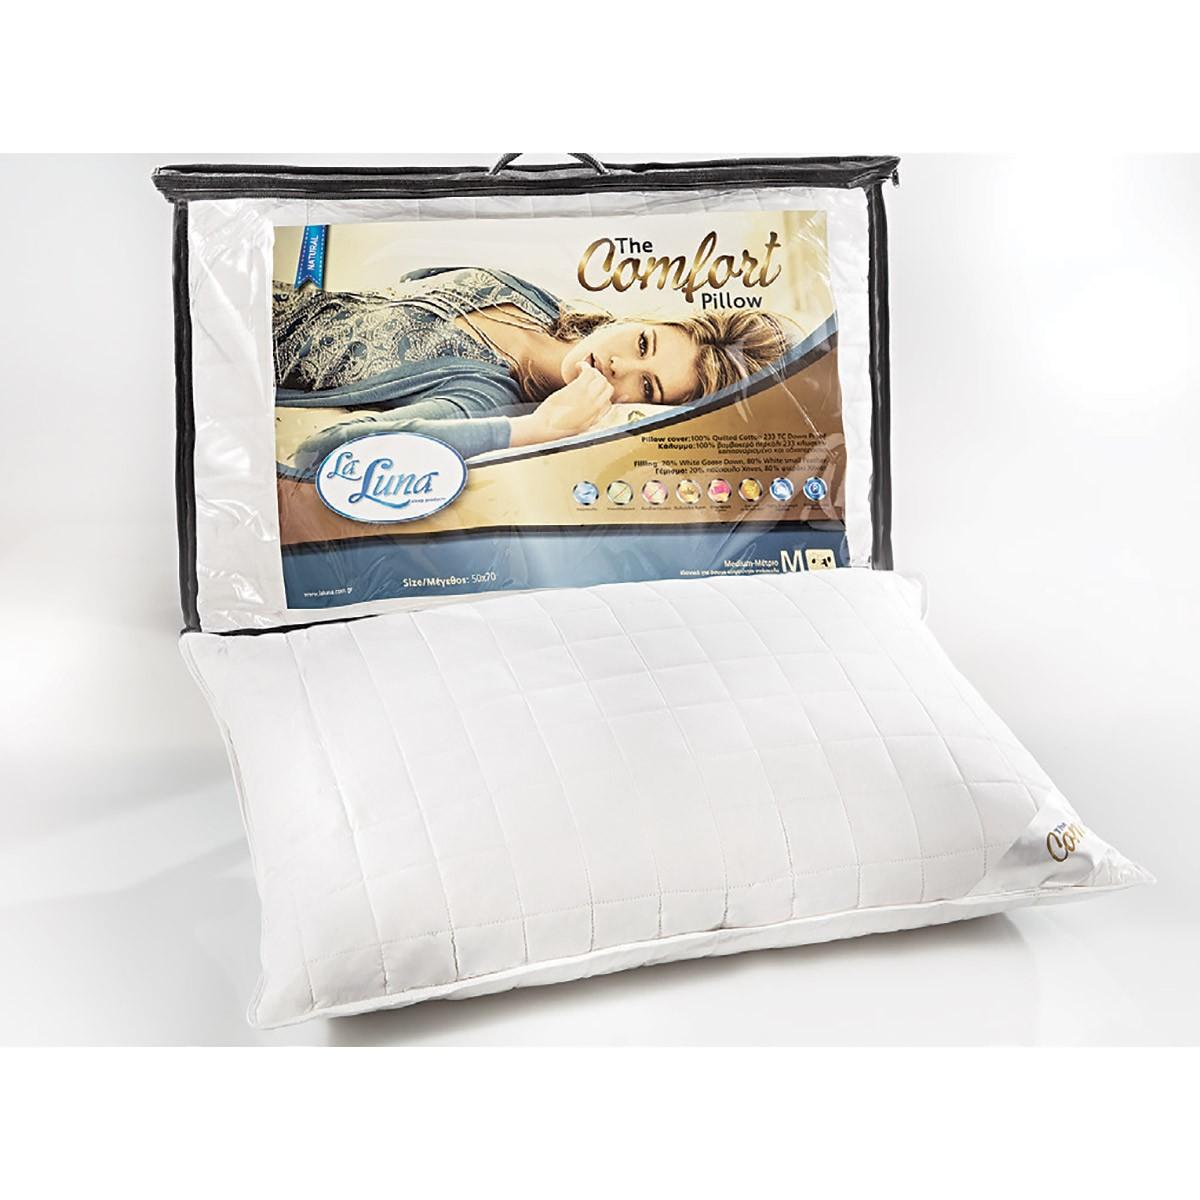 Μαξιλάρι Ύπνου Πουπουλένιο La Luna New Comfort Pillow 20/80